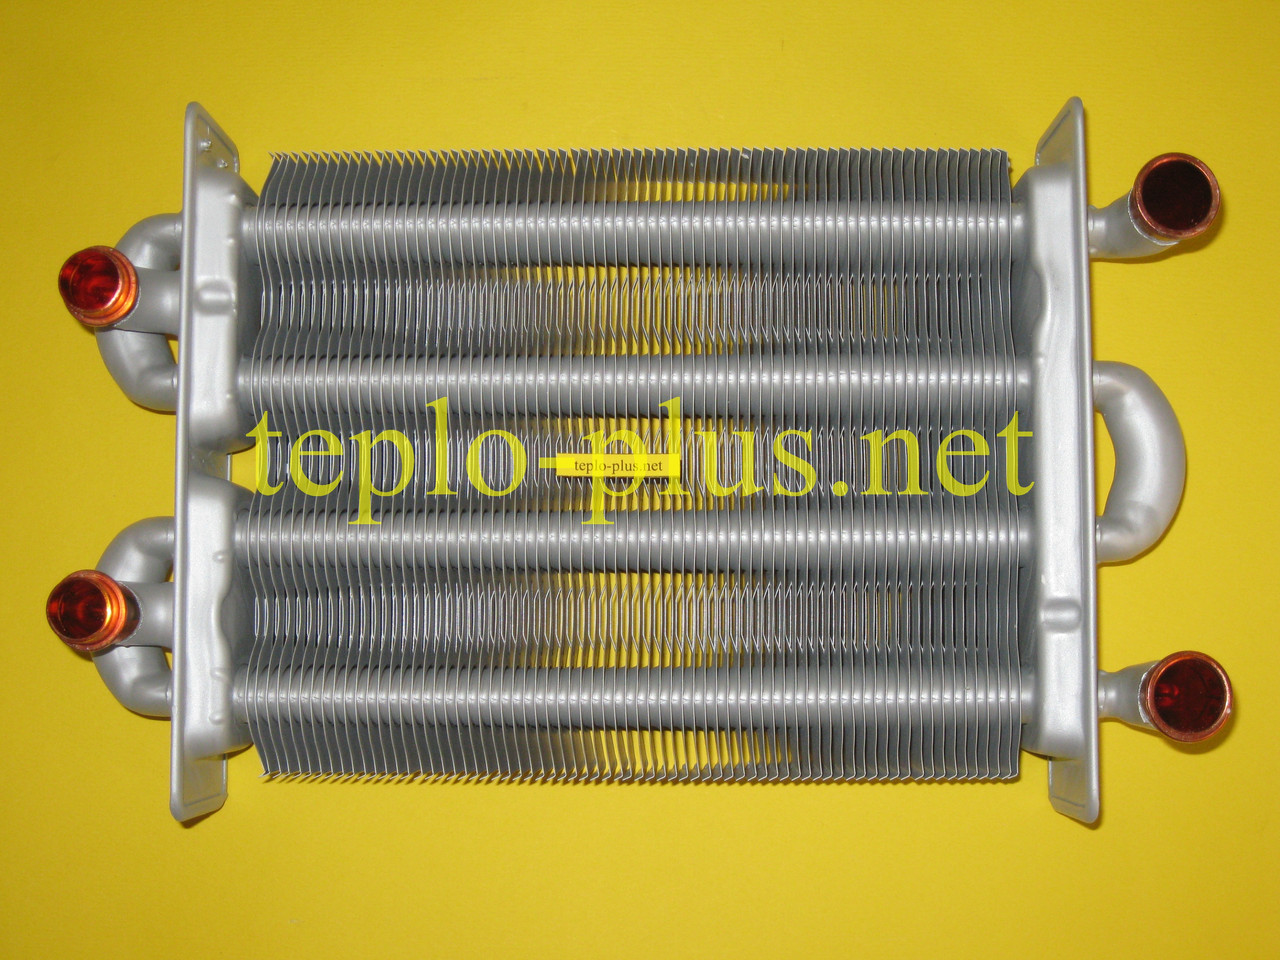 Уплотнения теплообменника Tranter GX-100 P Невинномысск Пластинчатый теплообменник ТПлР S46 IS.01 Мурманск